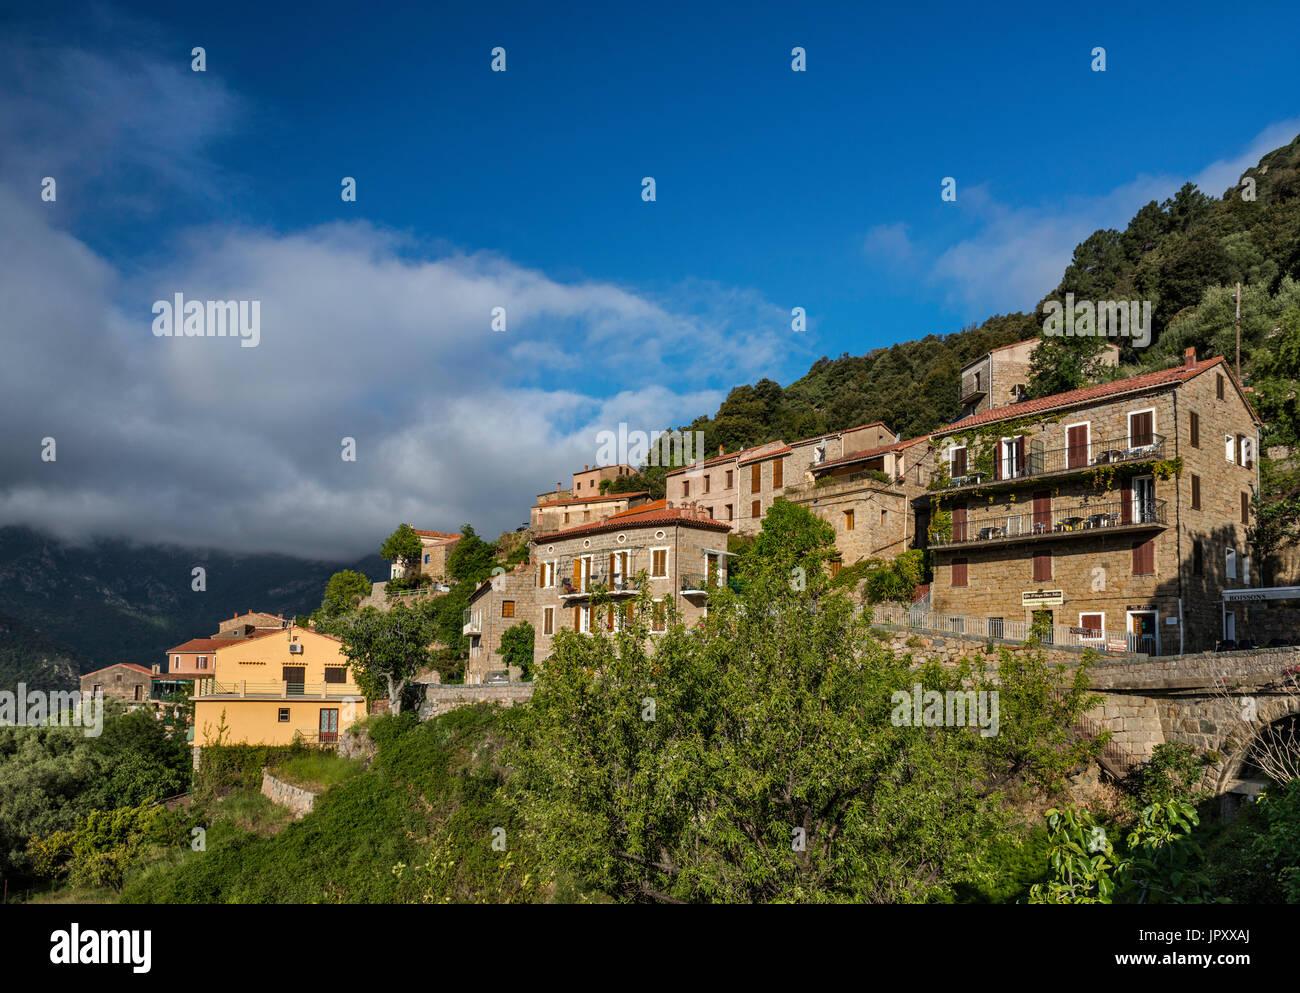 Colina de la ciudad de Ota, Gargantas de del Spelunca, Corse du Sud, Córcega, Francia Imagen De Stock